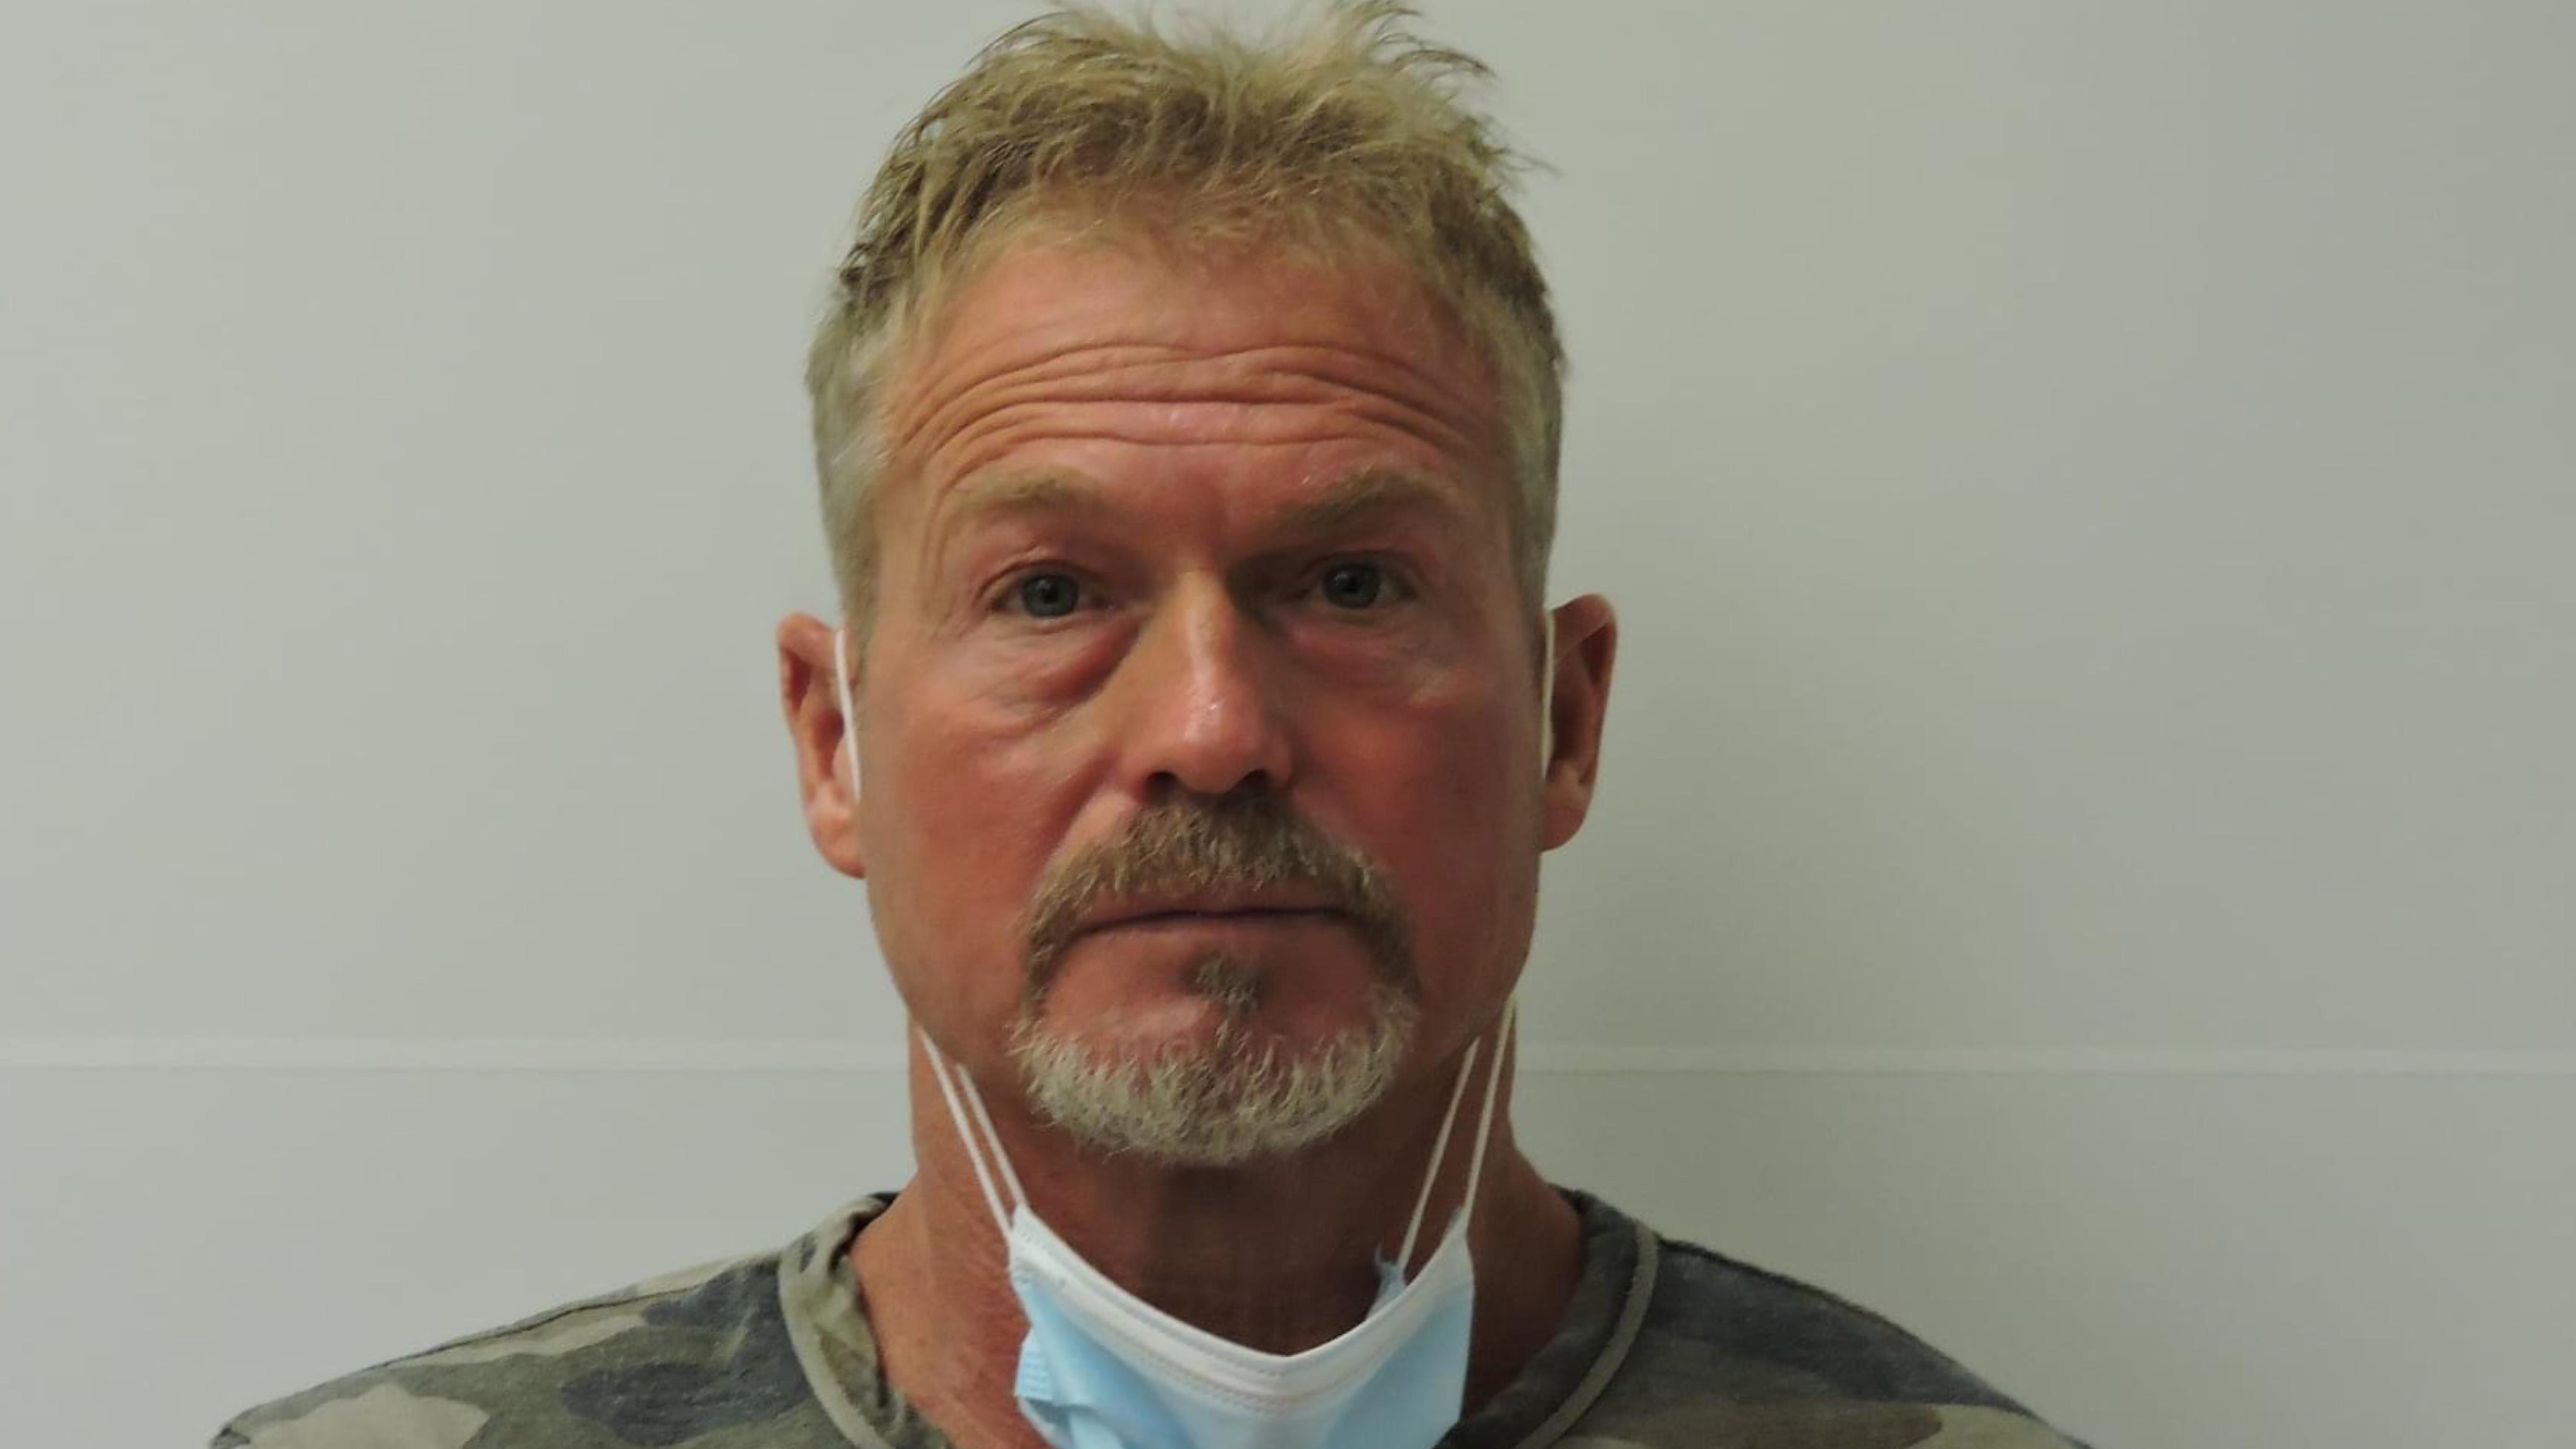 Barry-Morphew-arrestado-por-la-presunta-desaparicion-y-muerte-de-su-esposa